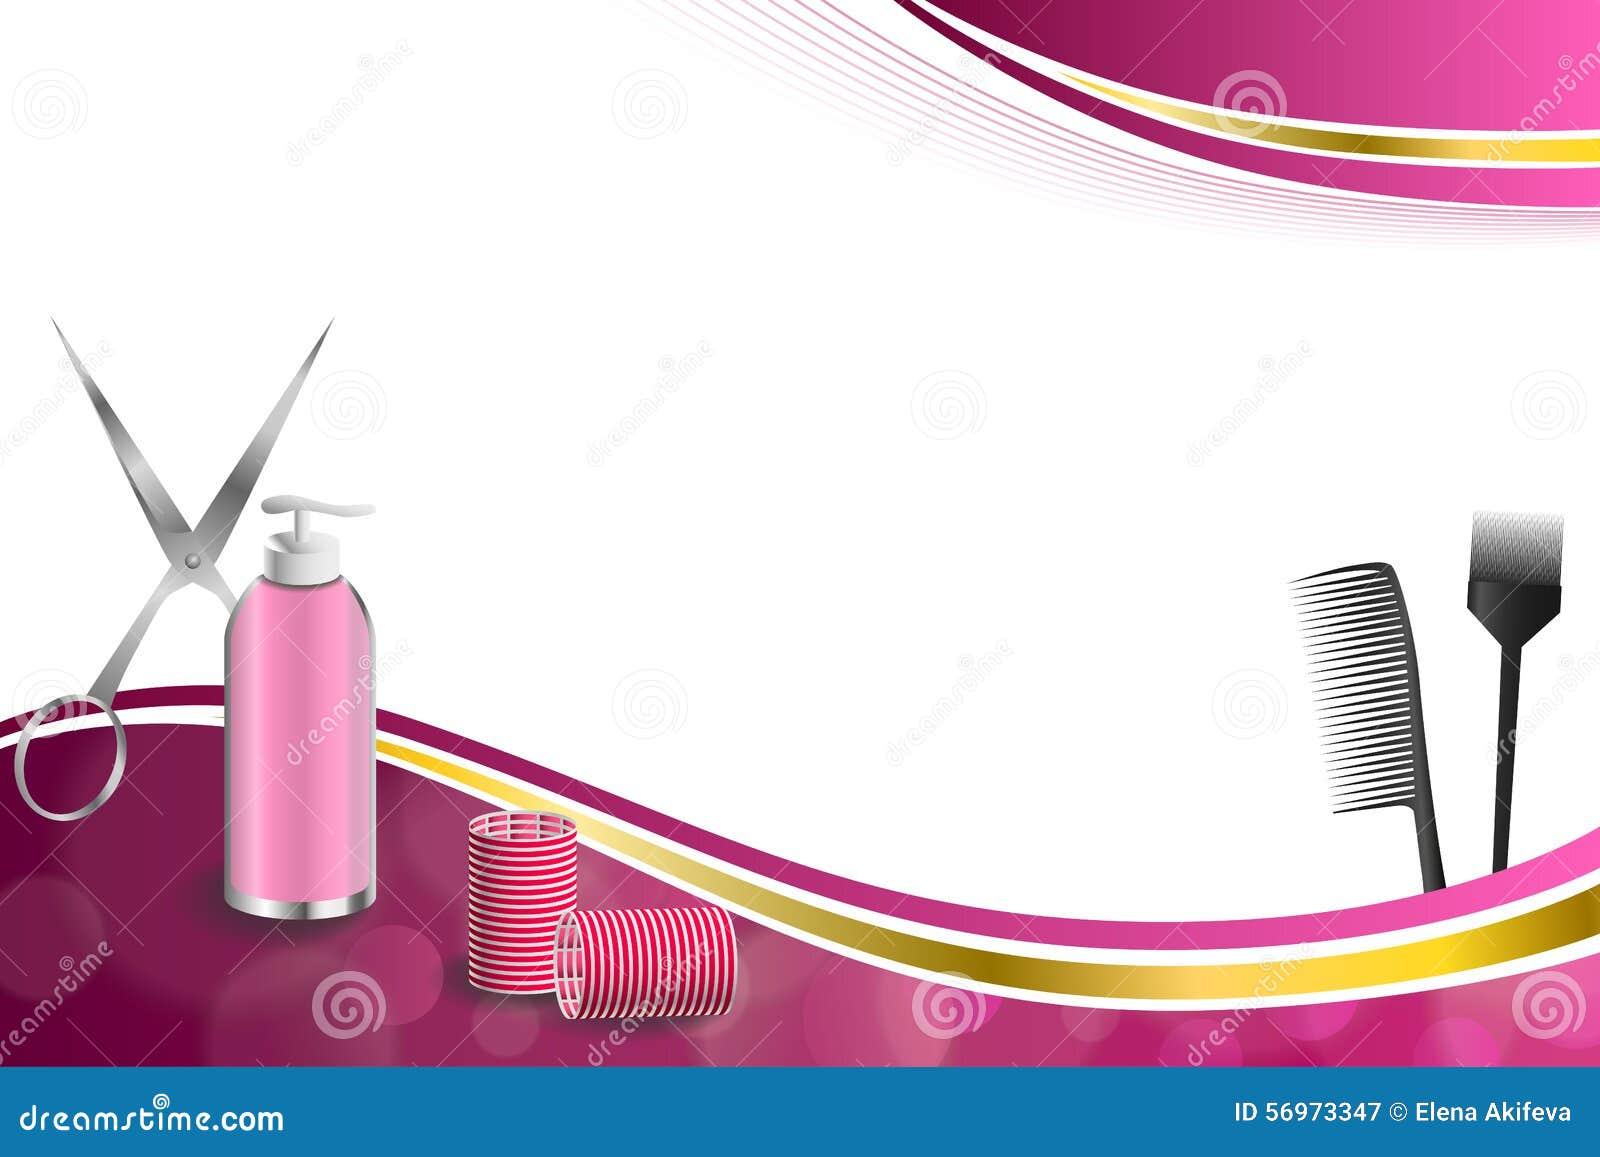 Les ciseaux rouges de bigoudi de coiffure de fond d outils roses abstraits de coiffeur balayent l illustration de cadre de ruban